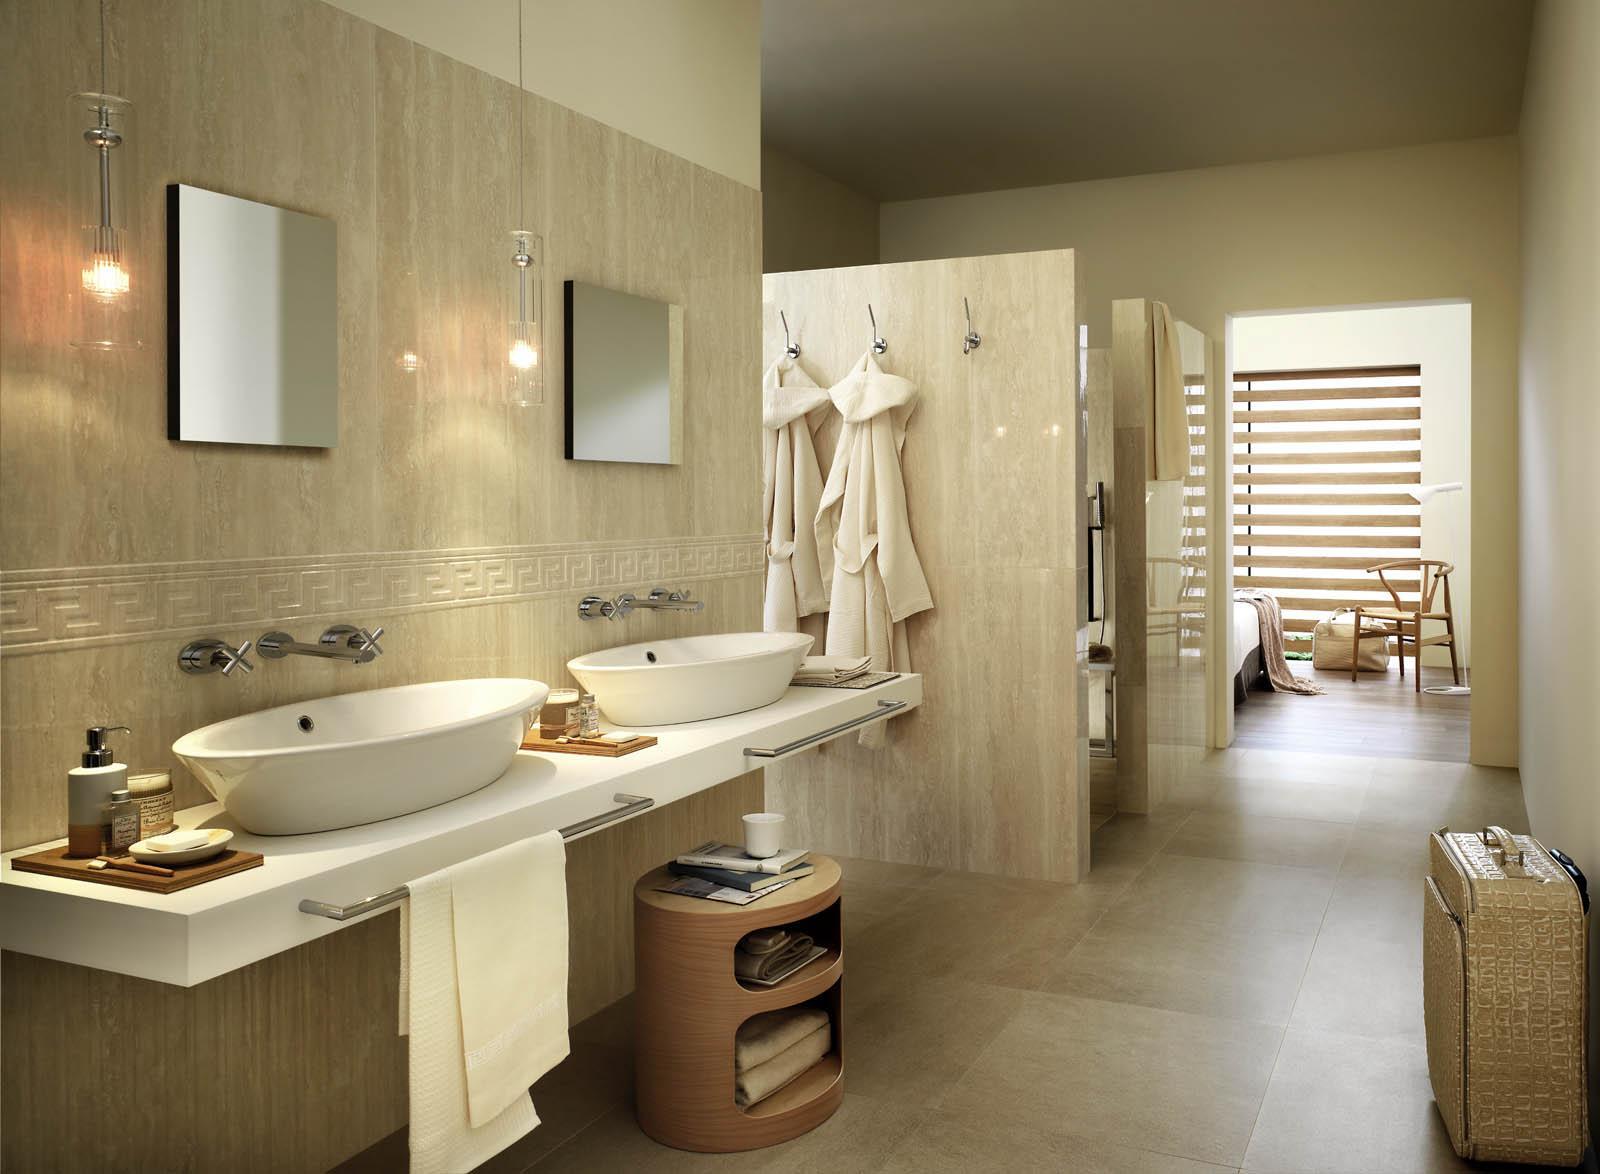 Elegante marche piastrelle bagno awesome bagno travertino mosaico